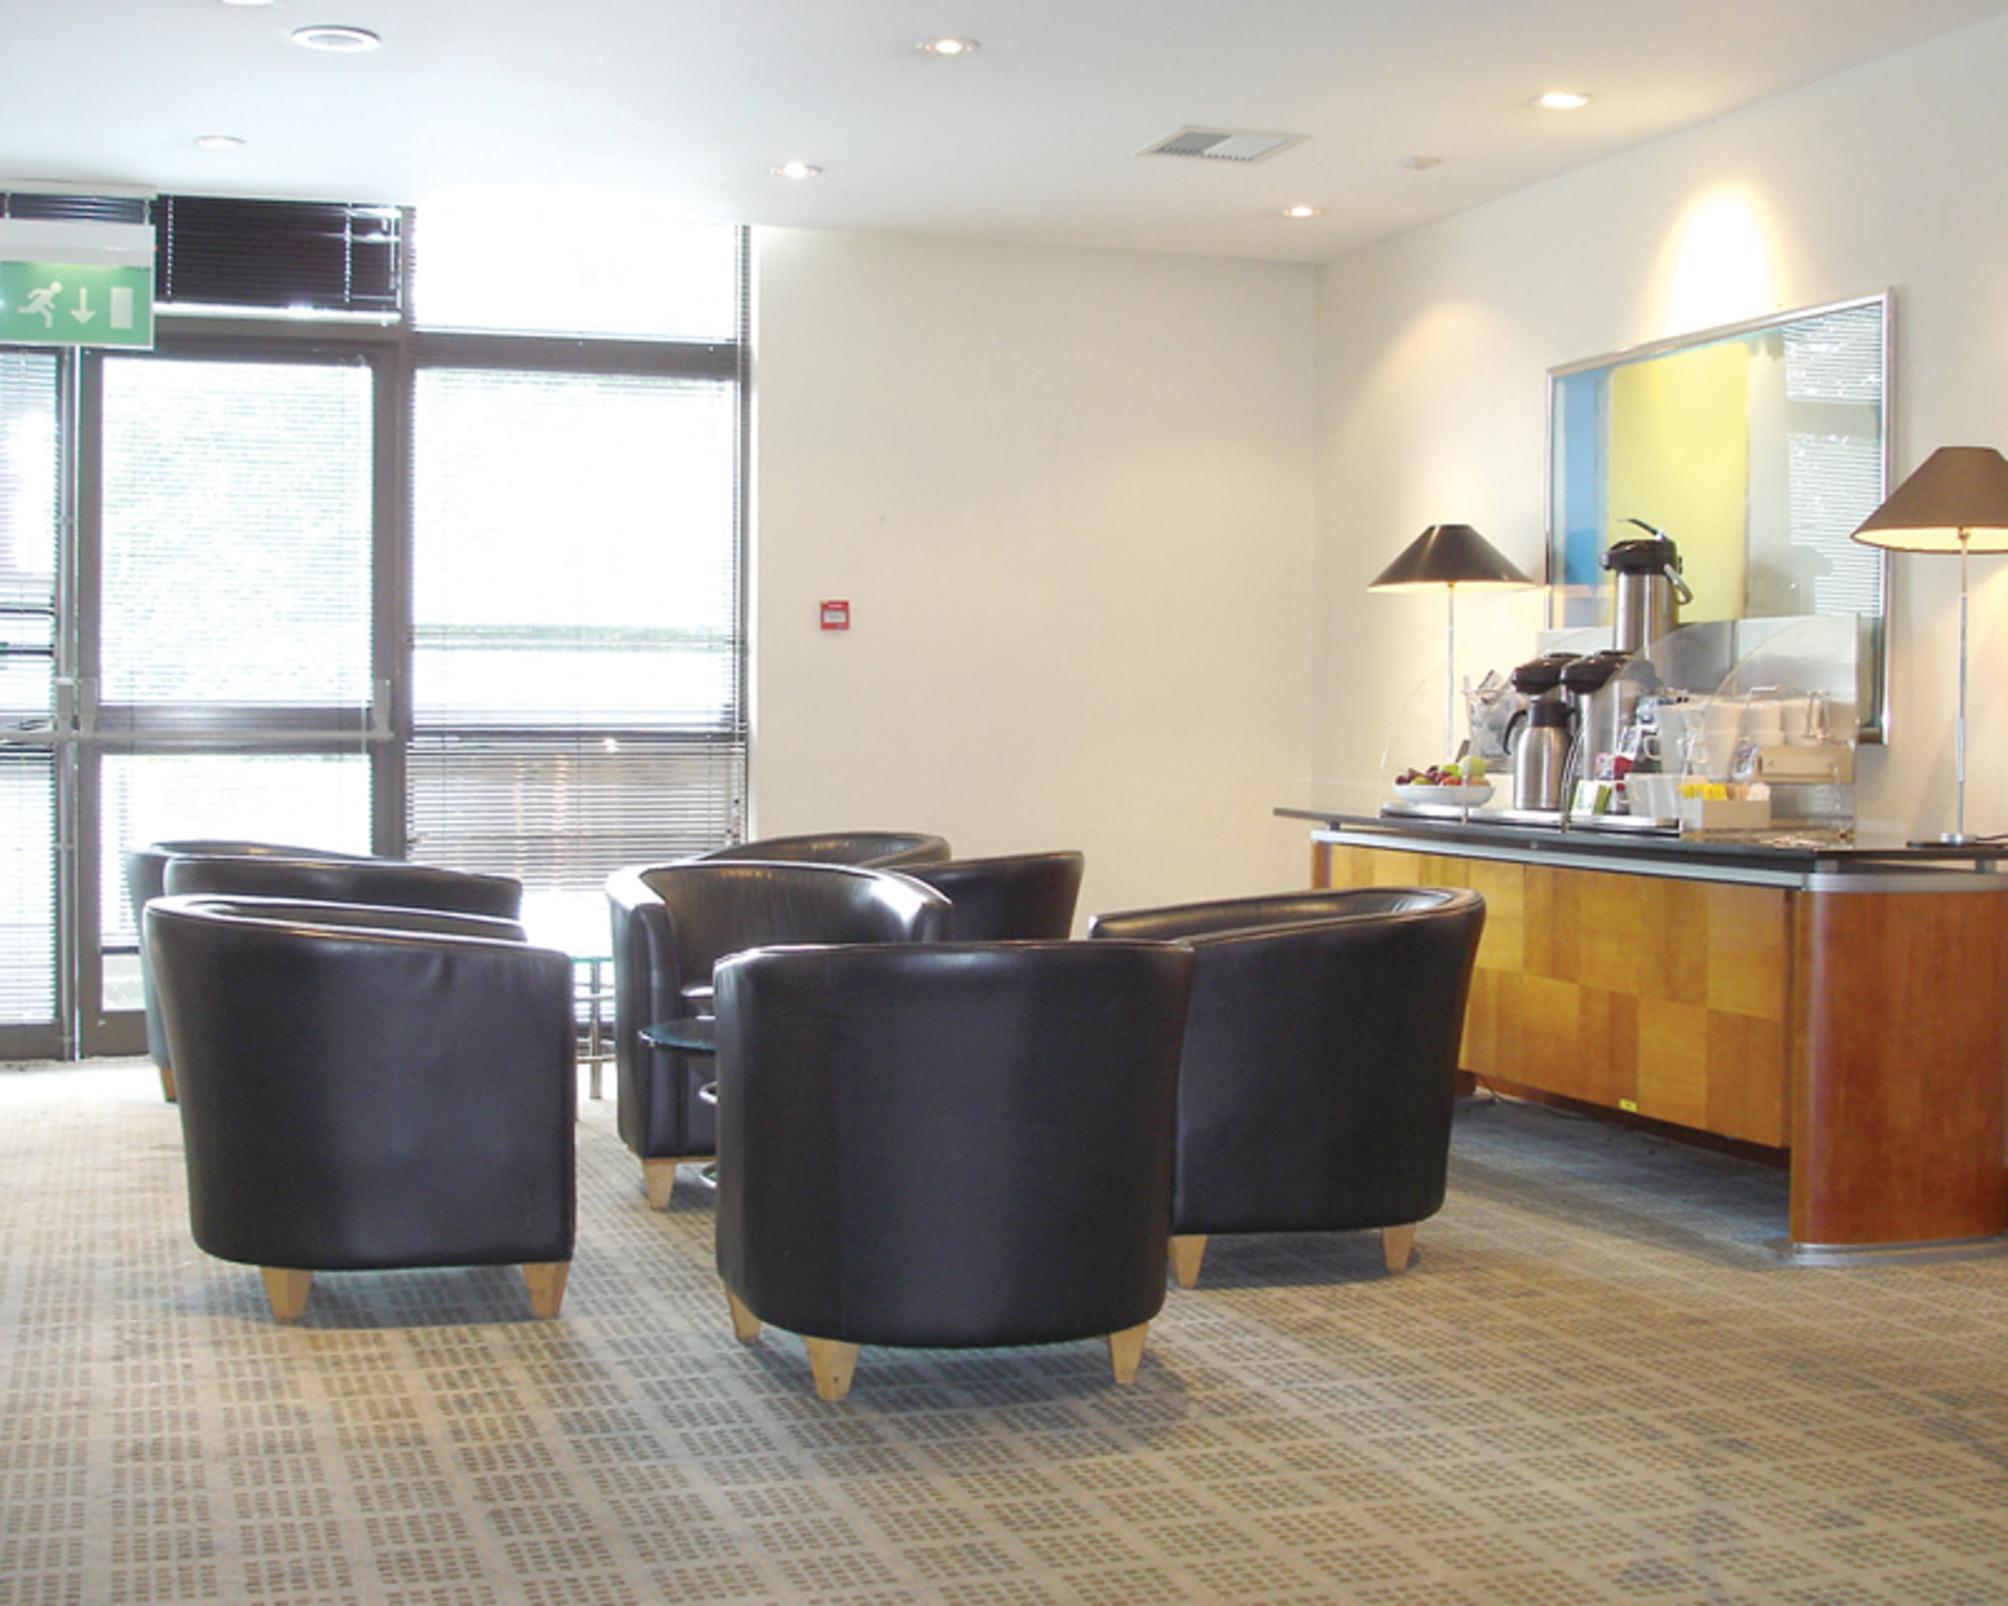 HotelBritannia Leeds Bradford Airport